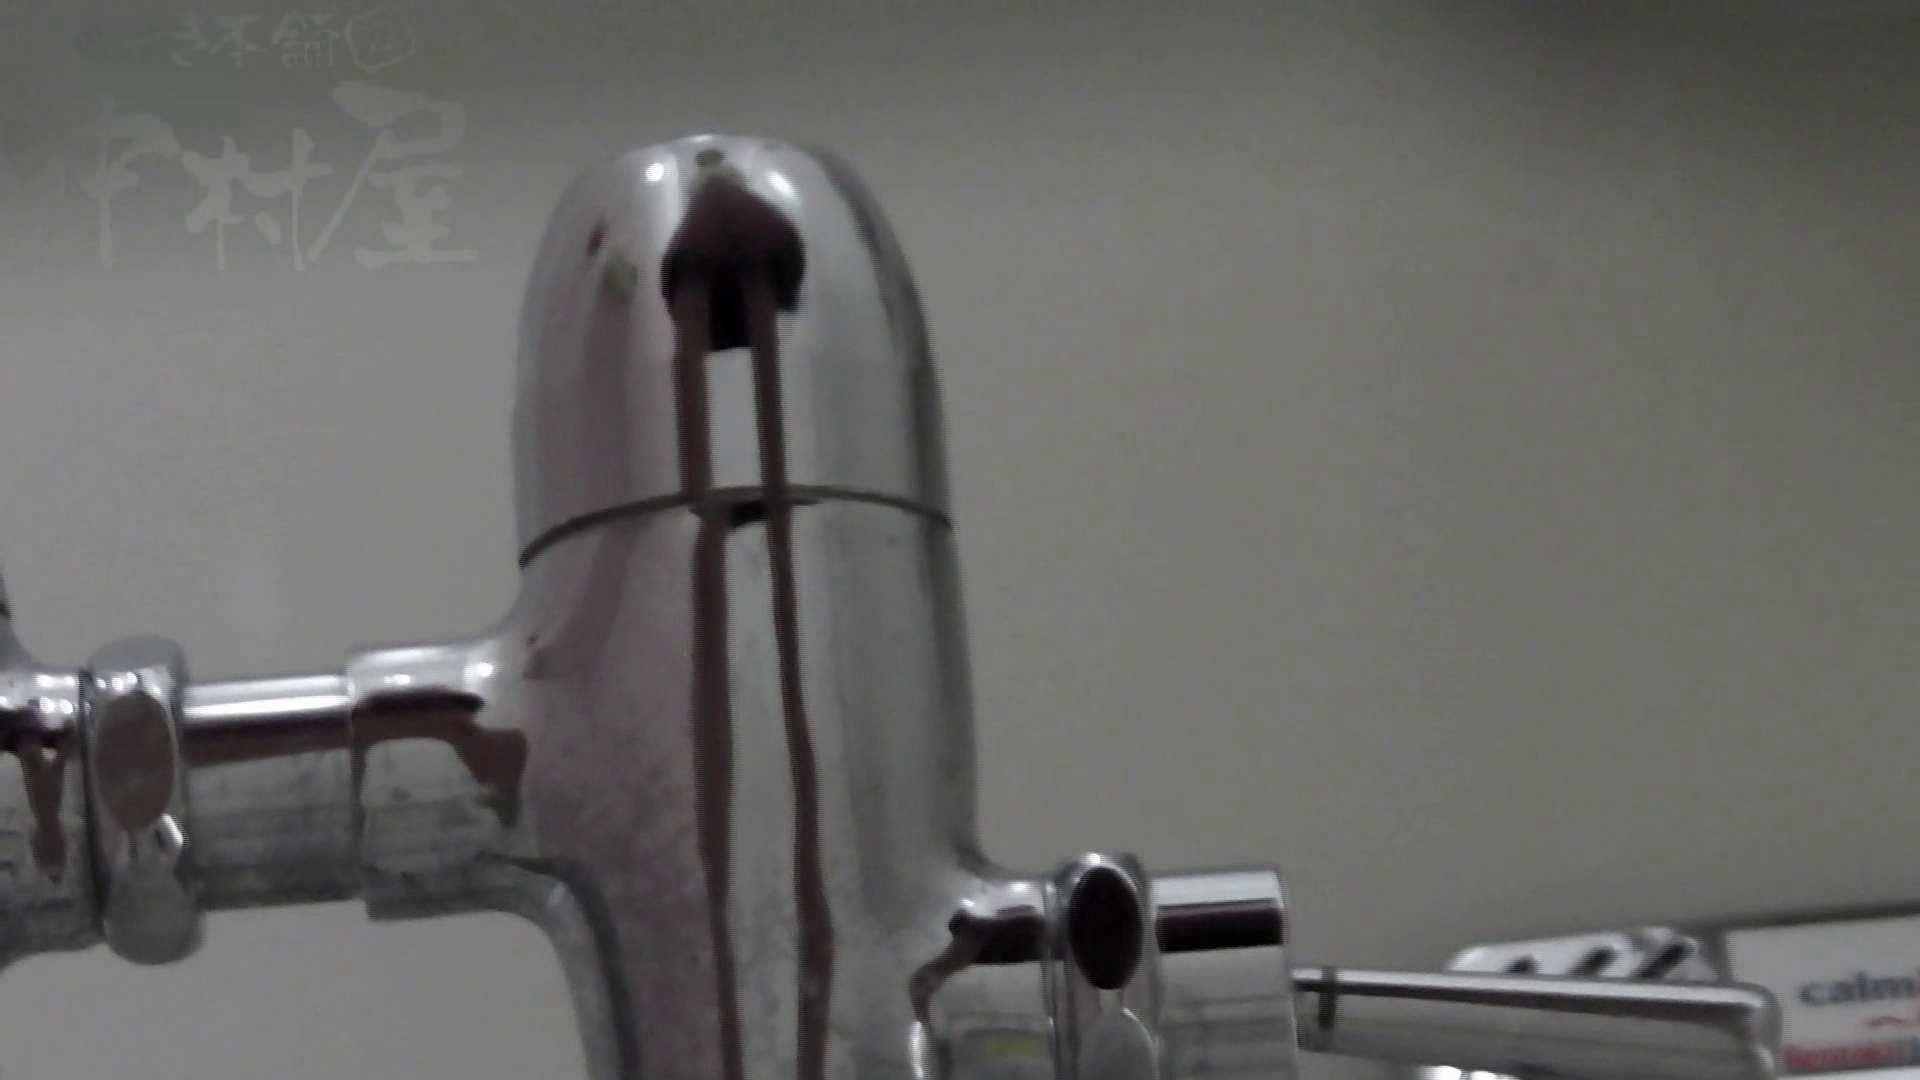 美しい日本の未来 No.29 豹柄サンダルはイ更●気味??? トイレ   乙女のエロ動画 盗撮 111PIX 91